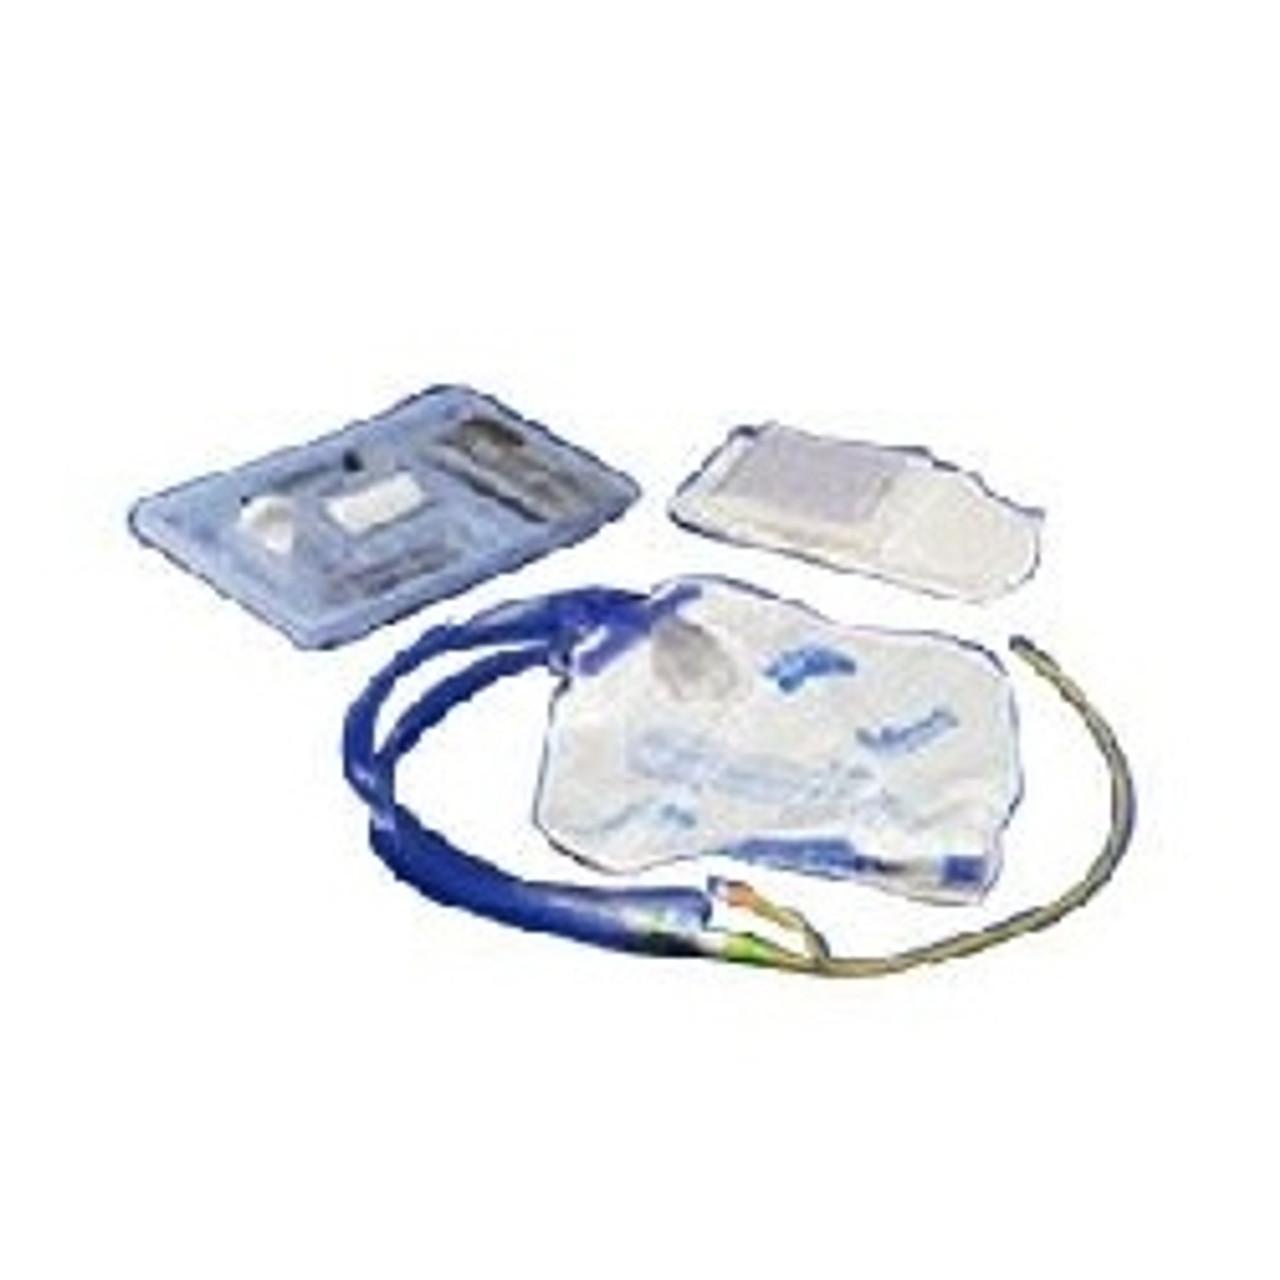 Kenguard Foley Catheterization Trays with Silicone Coated Latex Foley Catheter